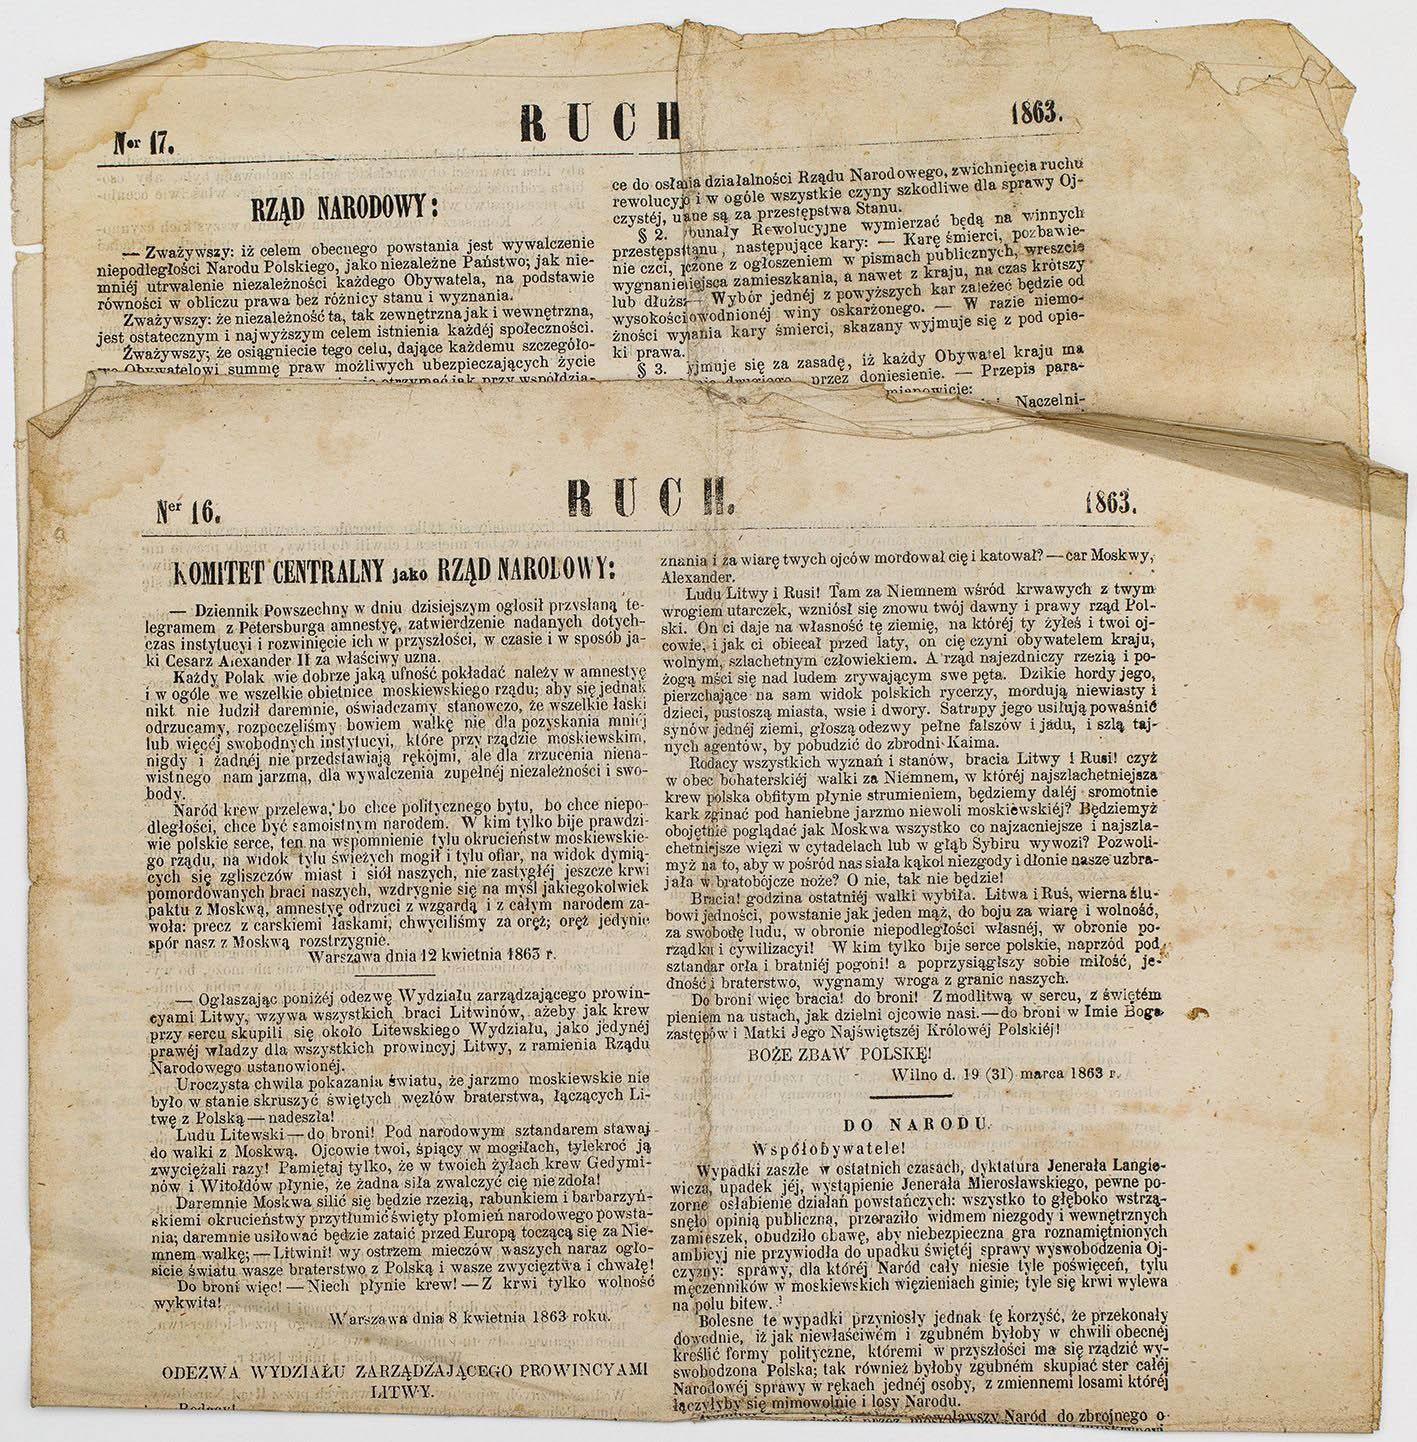 RUCH, nr 16 i 17, Polska, Warszawa, 15.06 i 14.07. 1863, Powstanie styczniowe